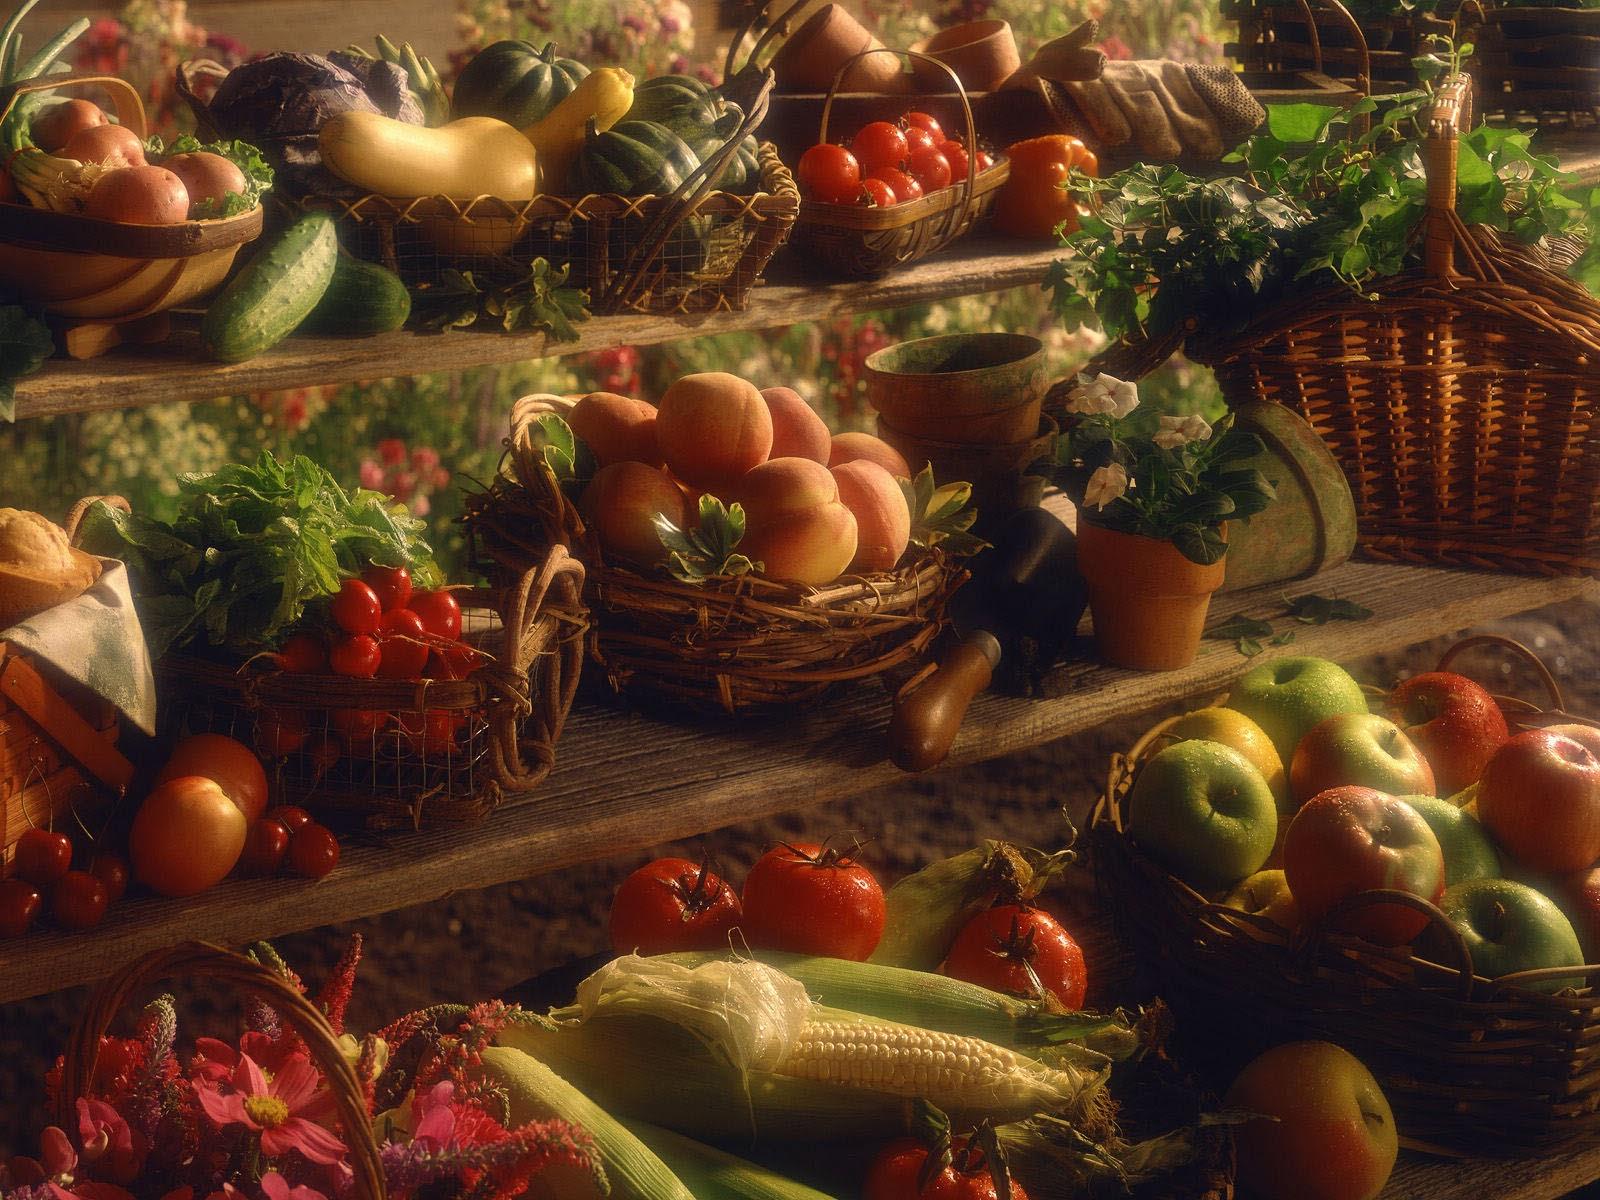 BANCO DE IMÁGENES: 28 imágenes sobre el Día de Acción de Gracias o ...